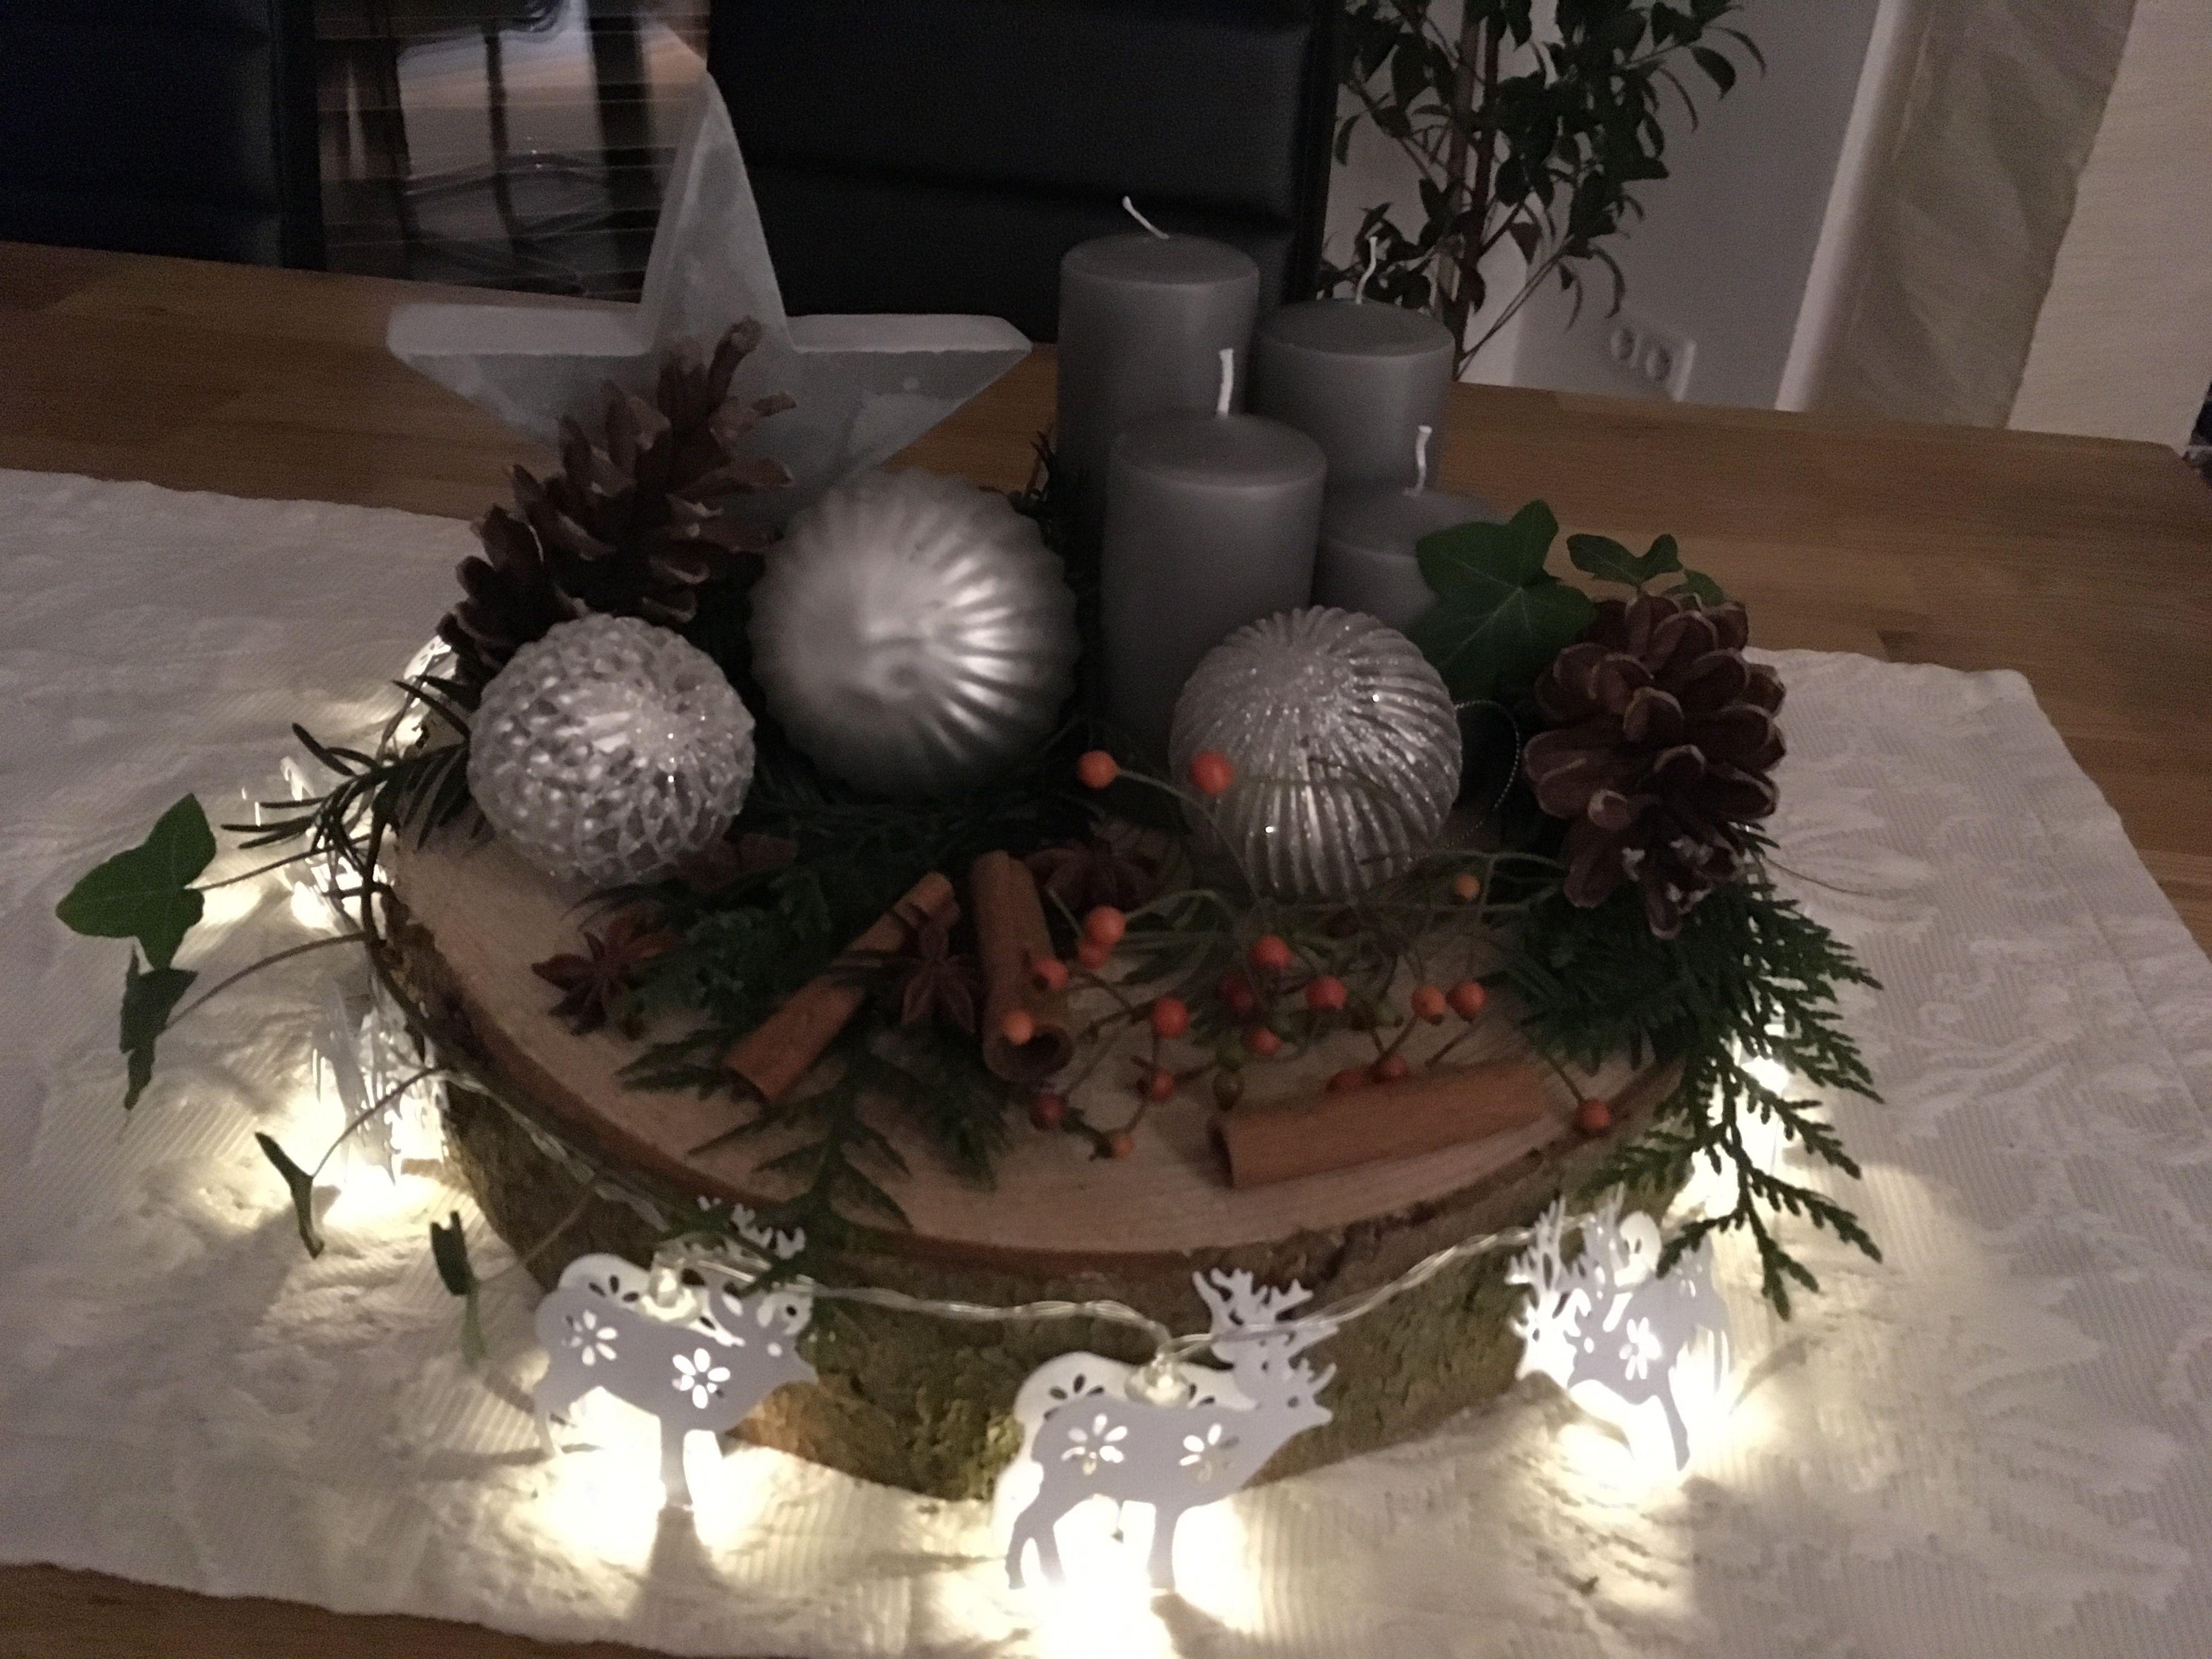 Adventskranz auf einer Baumscheibe! #adventskranzaufbaumscheibe Adventskranz auf einer Baumscheibe! #adventskranzaufbaumscheibe